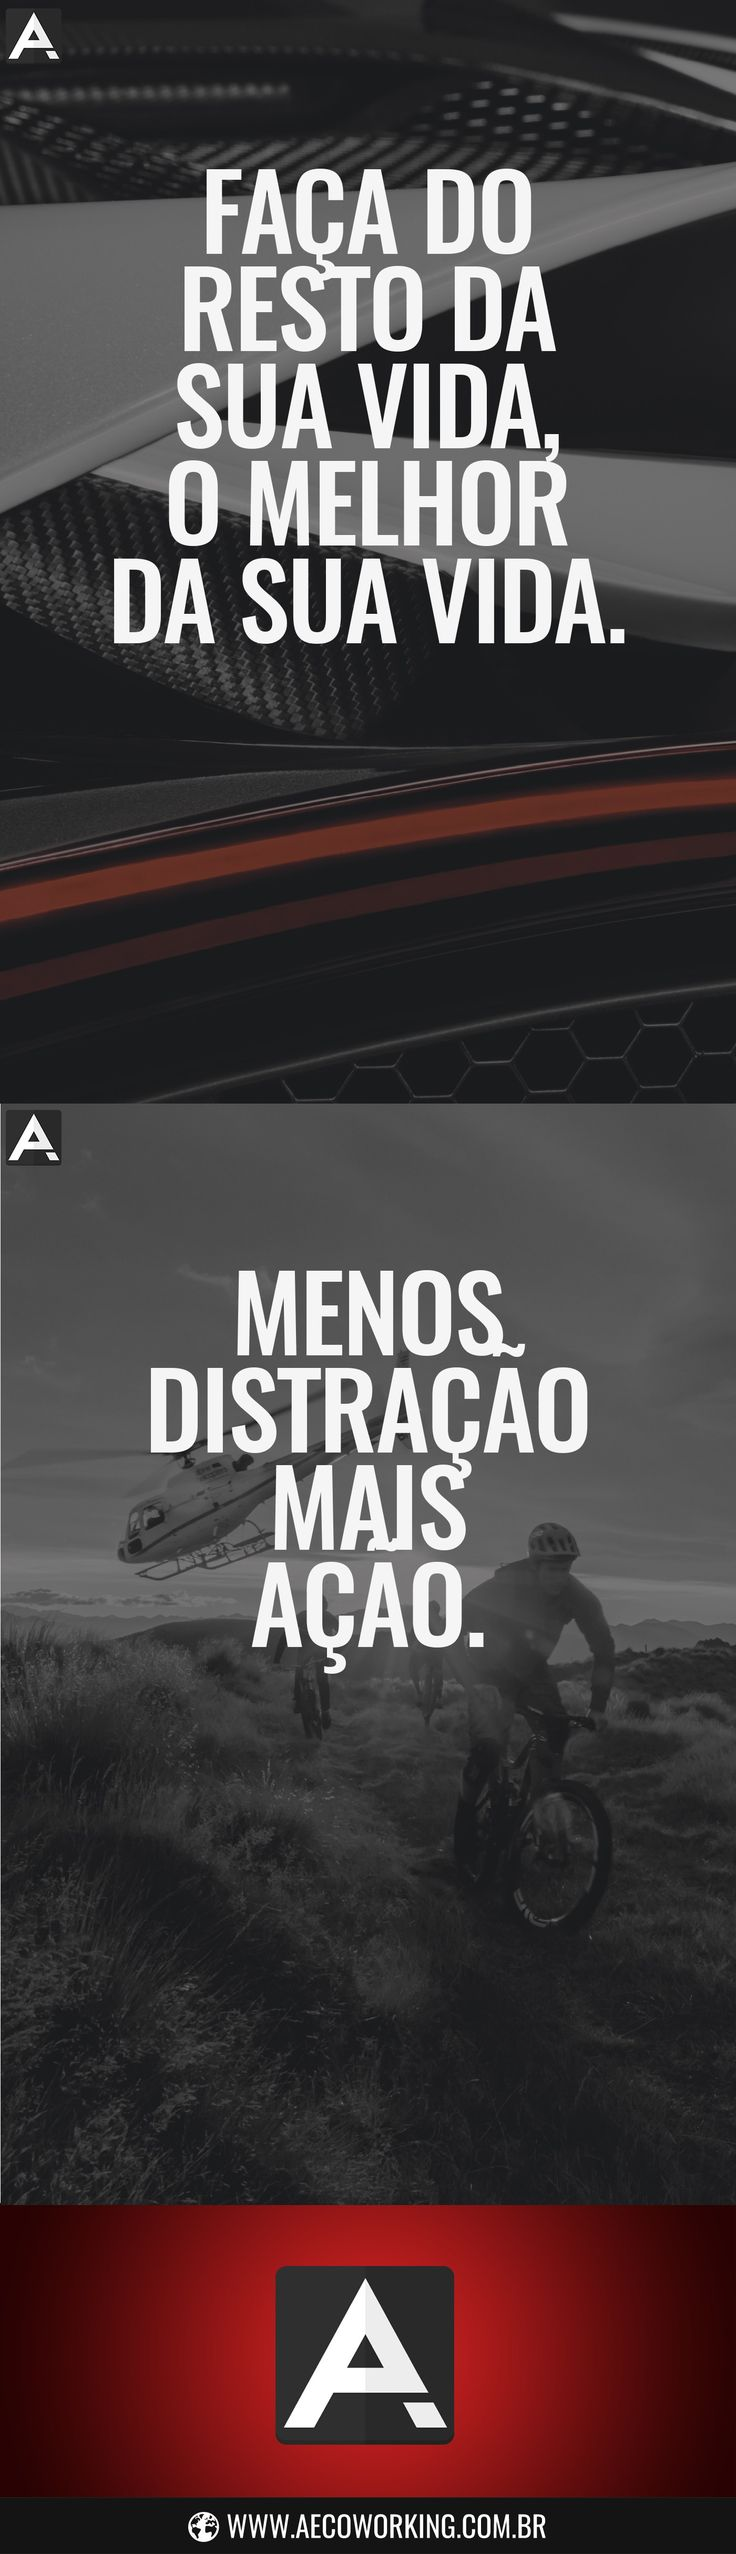 Frases - Motivacionais - Criativas - inspiração - Motivação - Trabalho - Coworking - Brasil